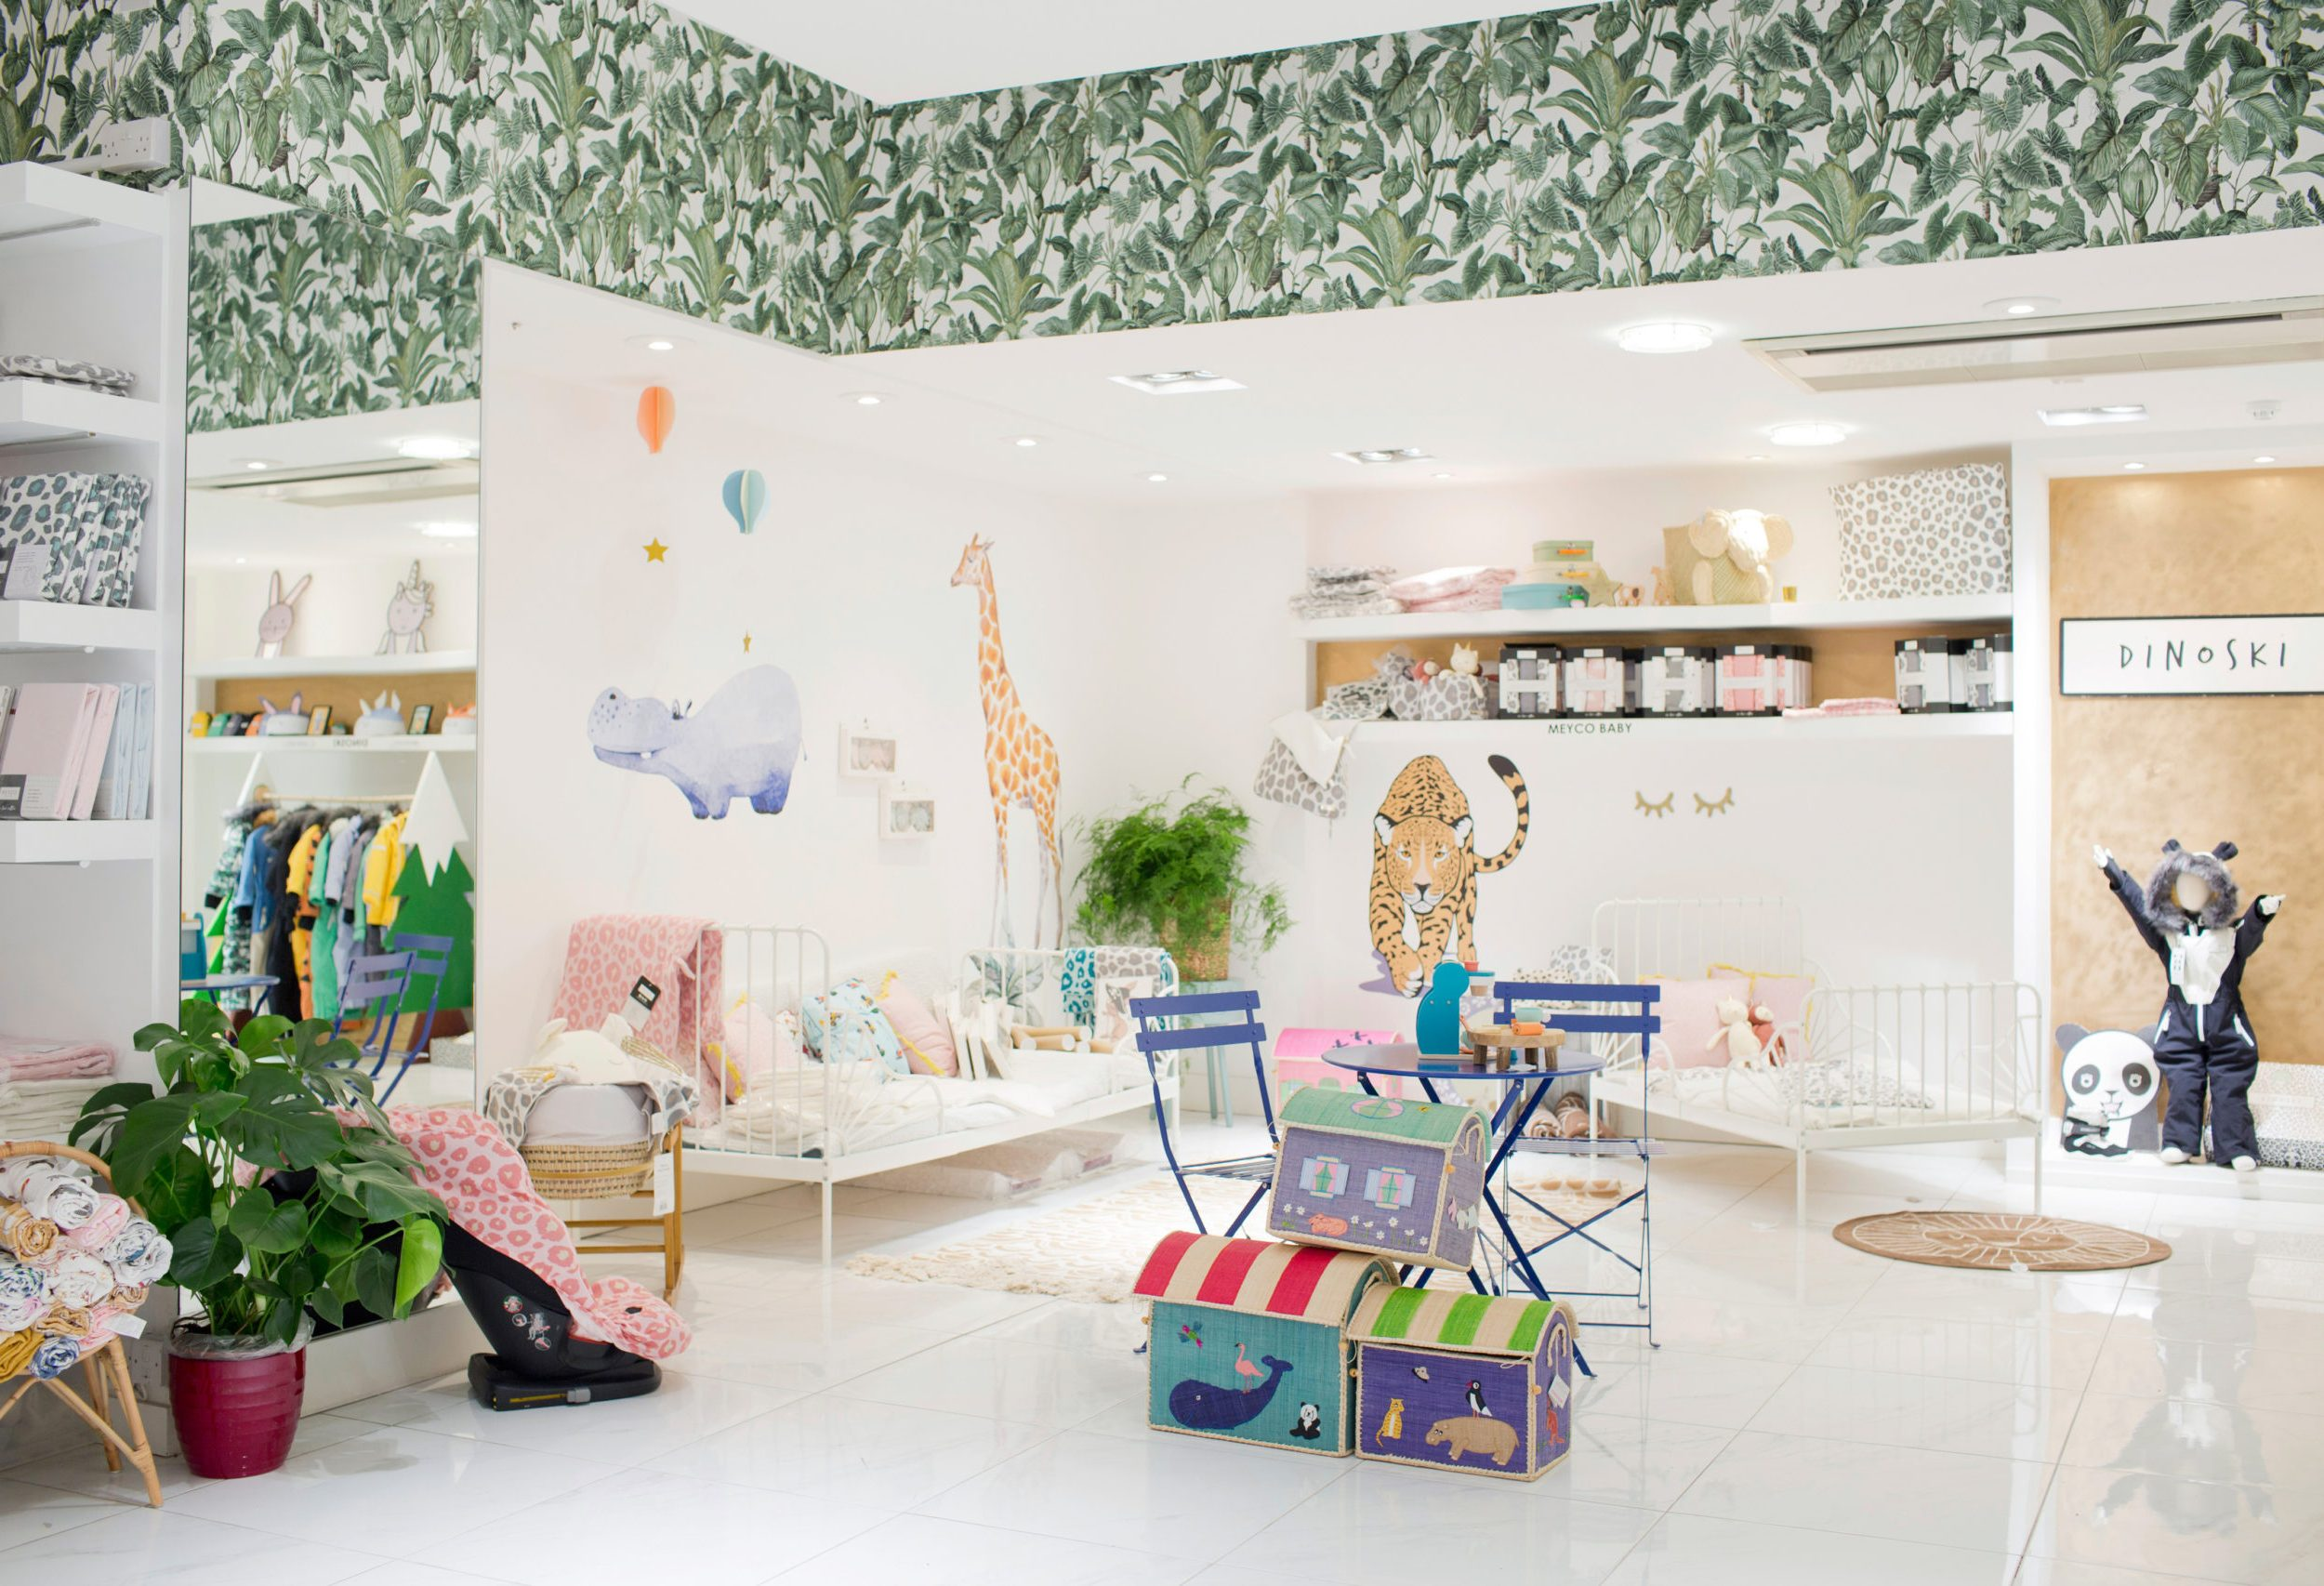 Interior of children's shop